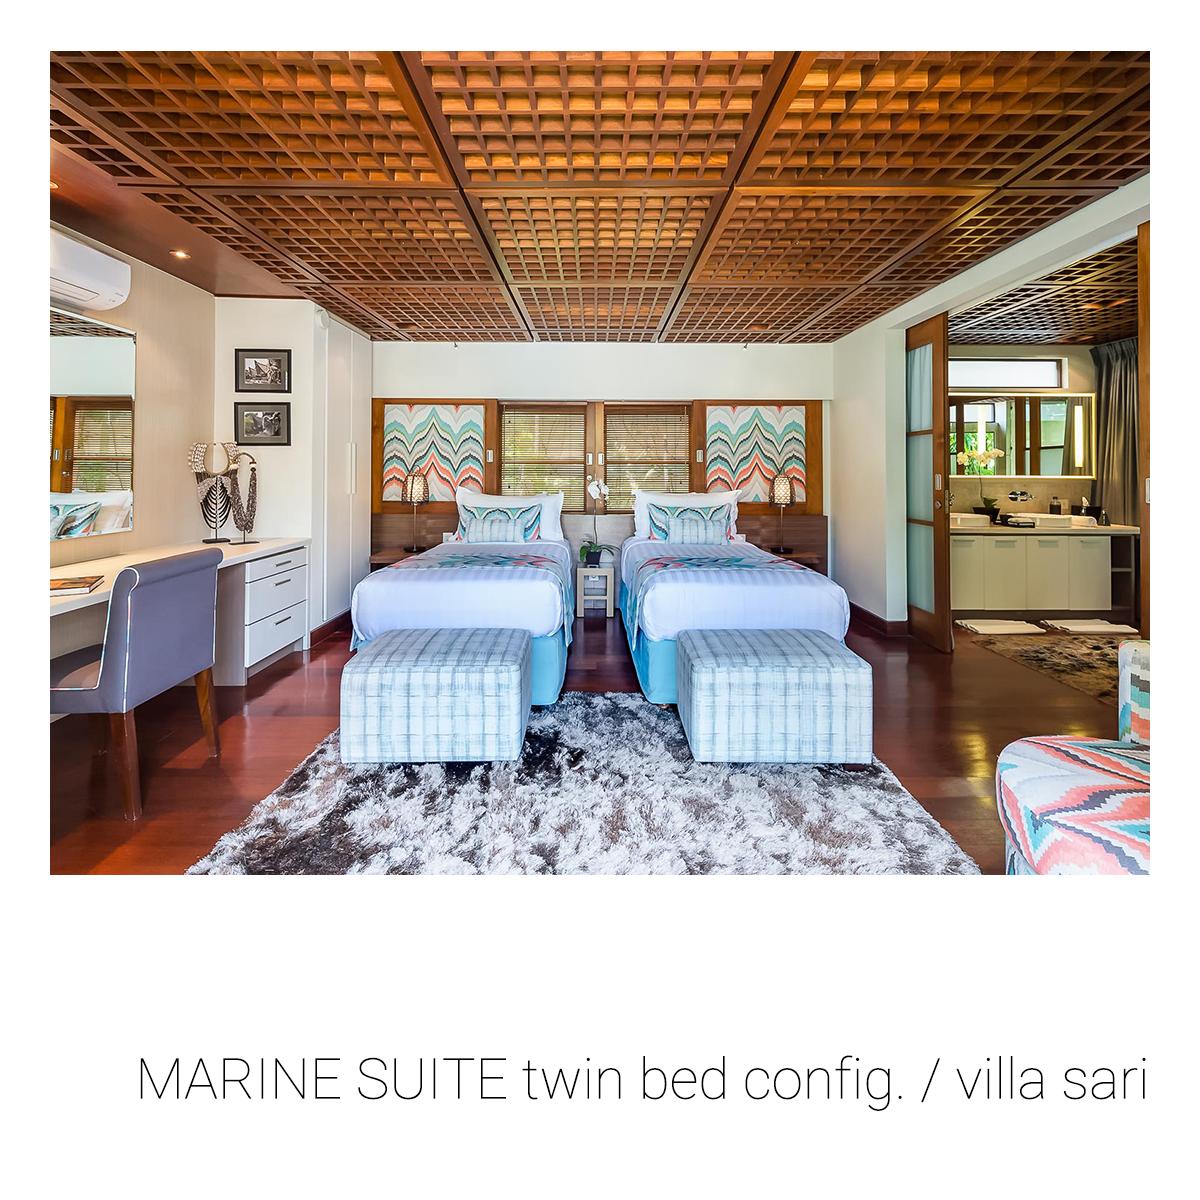 Marine Suite VILLA SARI